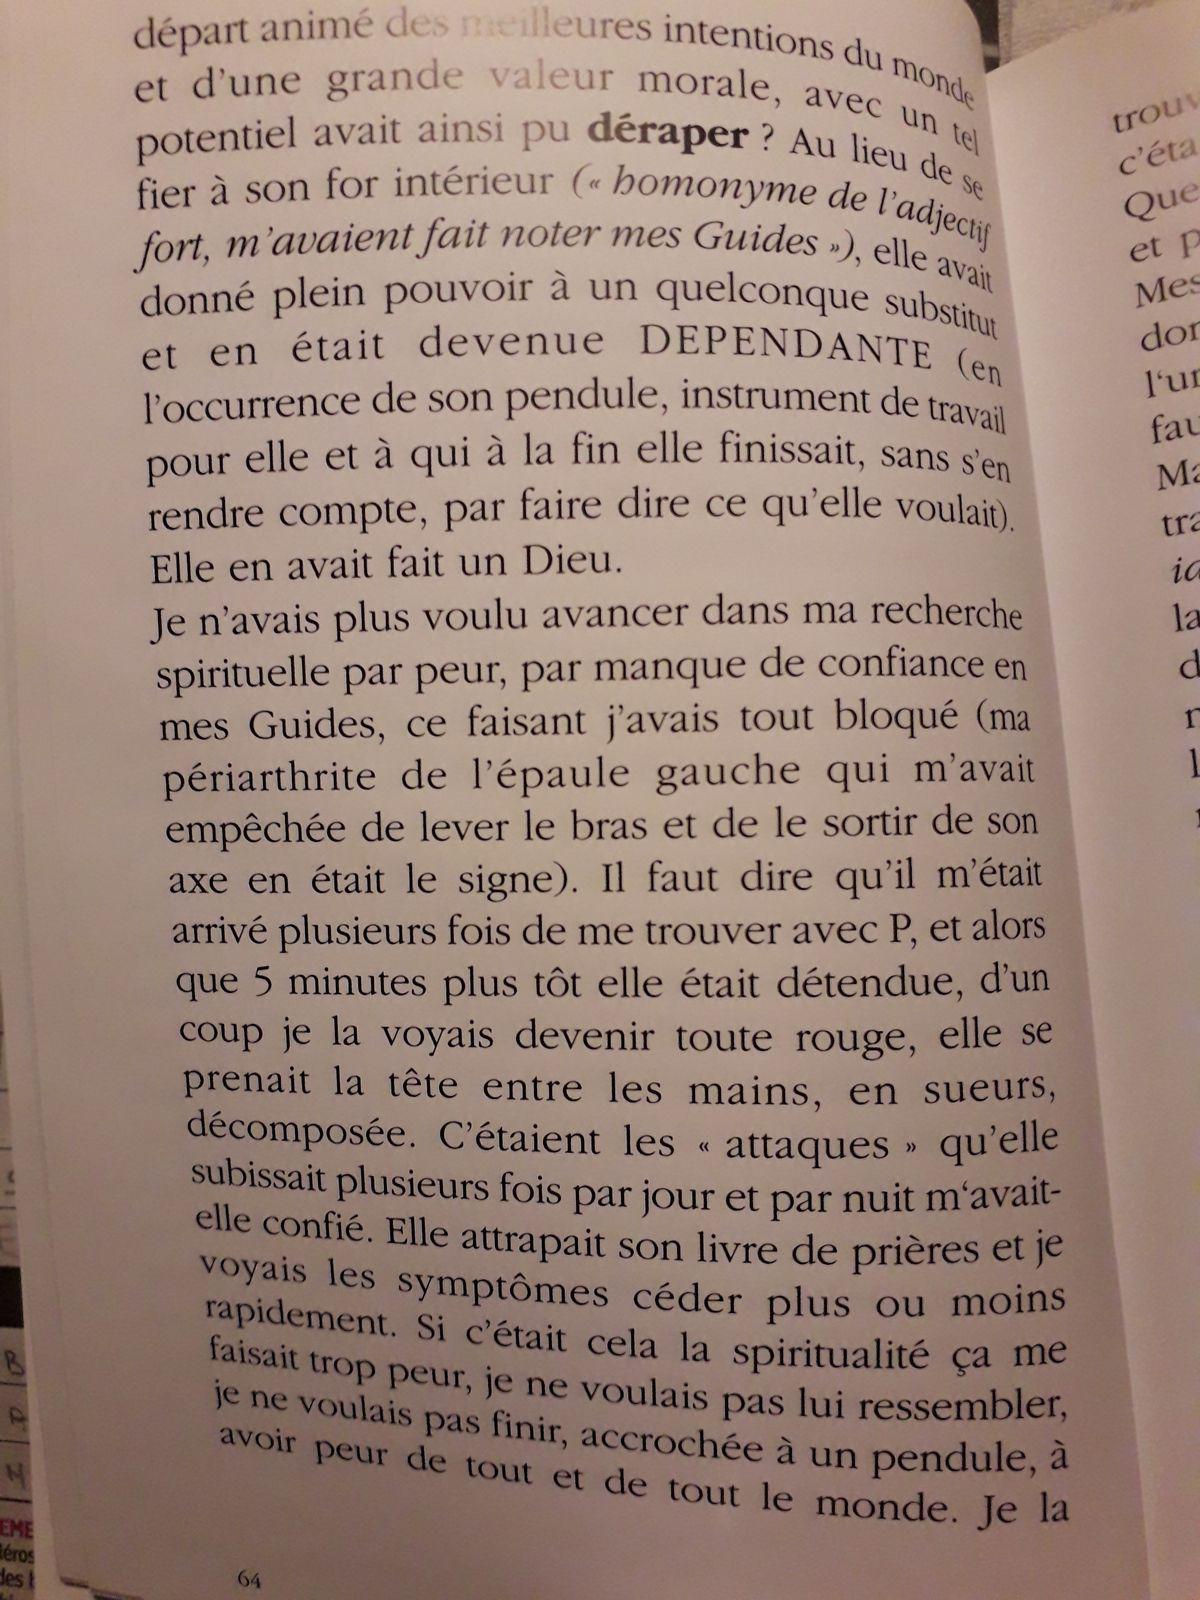 Pluie de Poussières d'Etoiles page 61 à 64